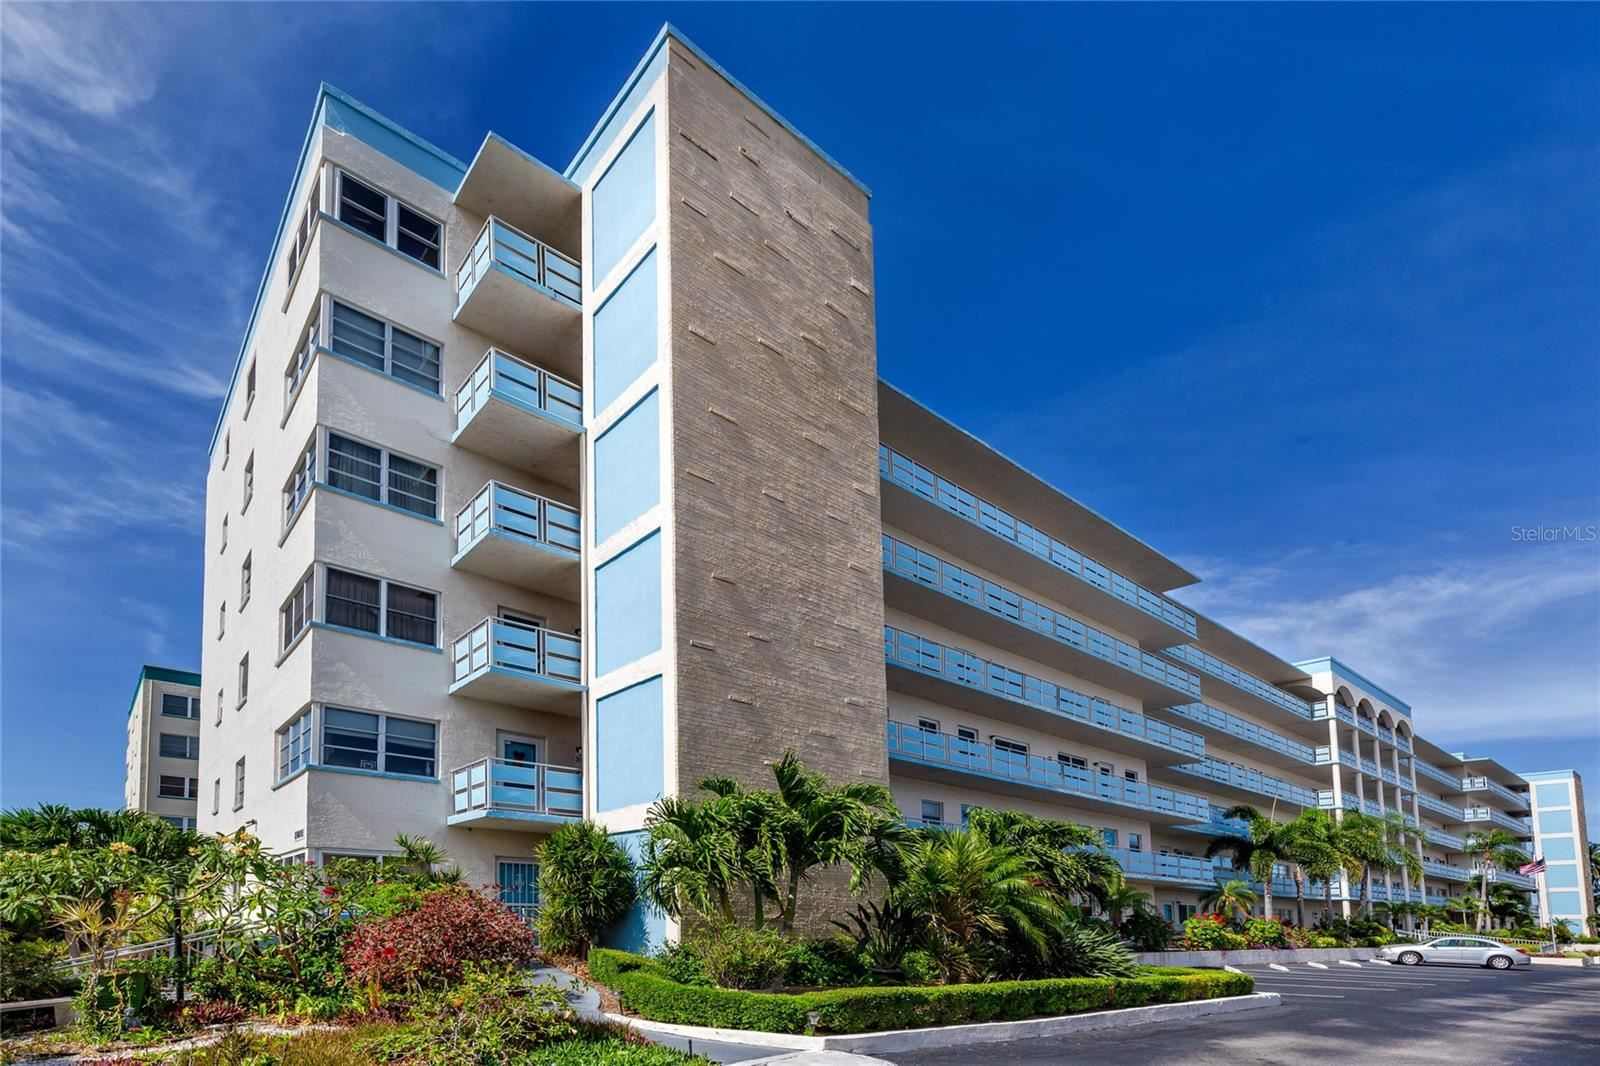 2850 59TH STREET S #603, Gulfport, FL 33707 - #: U8124791